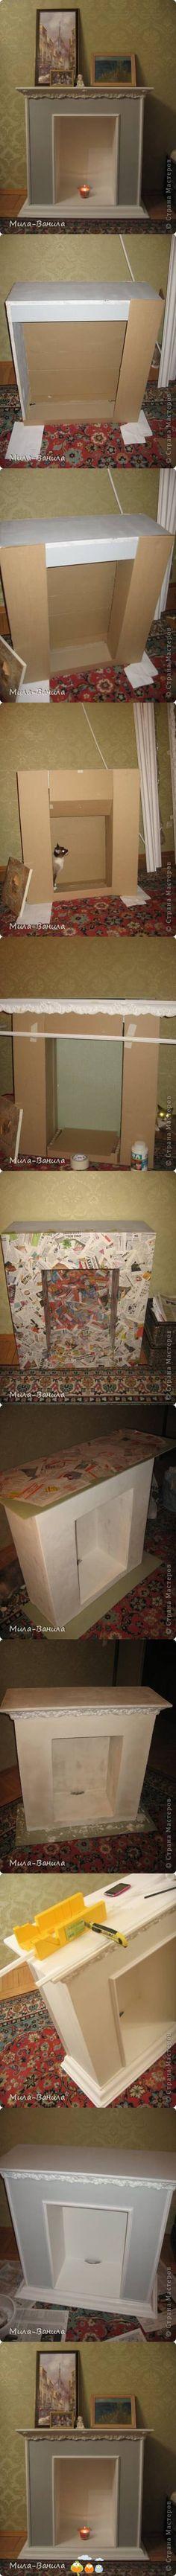 paper mache' fireplace nebens schlafzimmer für oma